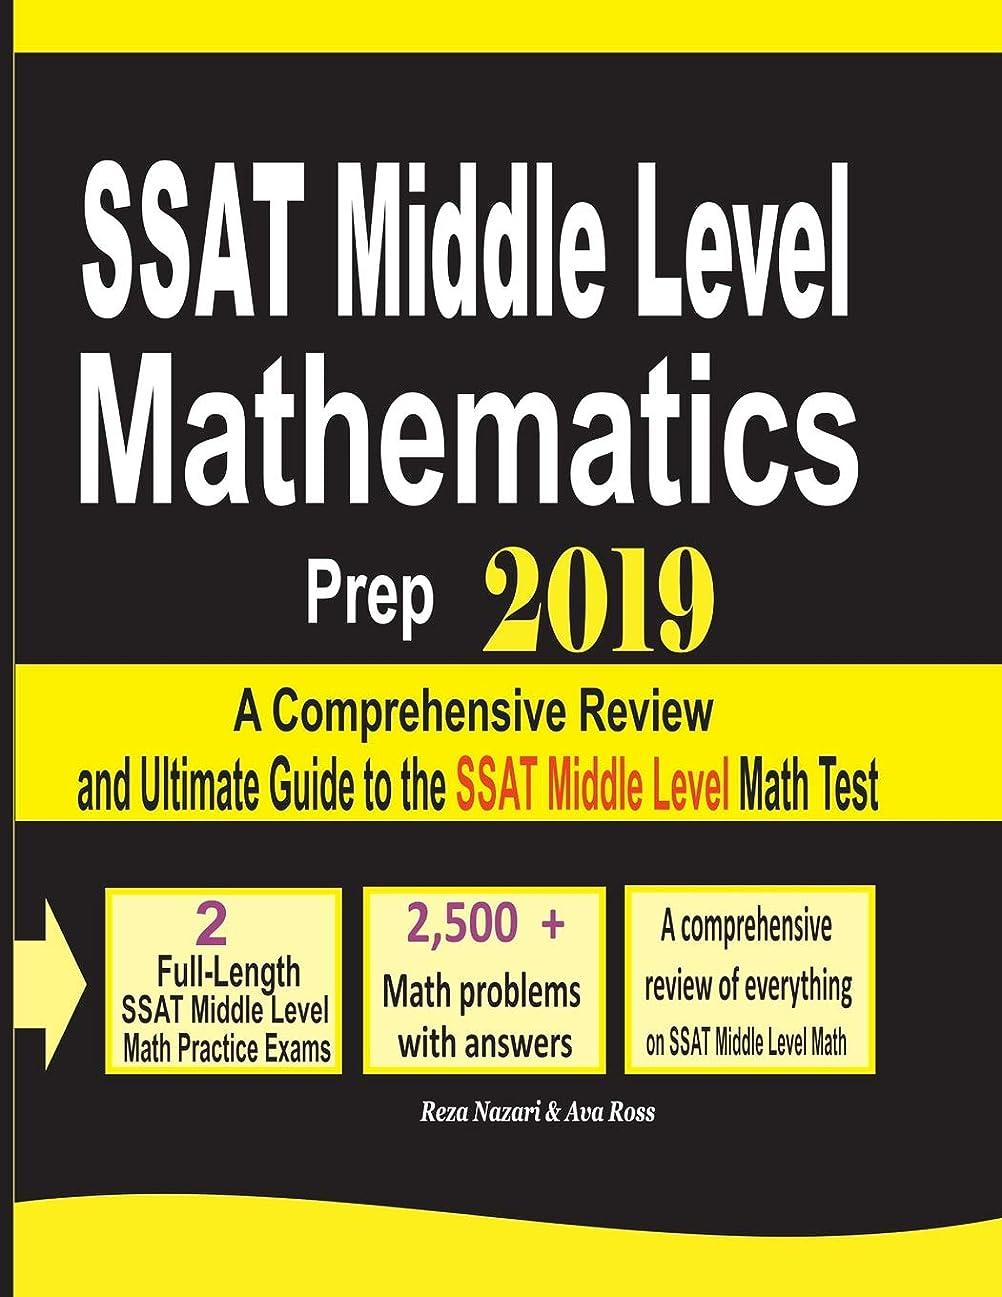 のヒープ空港ネブSSAT Middle Level Mathematics Prep 2019: A Comprehensive Review and Ultimate Guide to the SSAT Middle Level Math Test